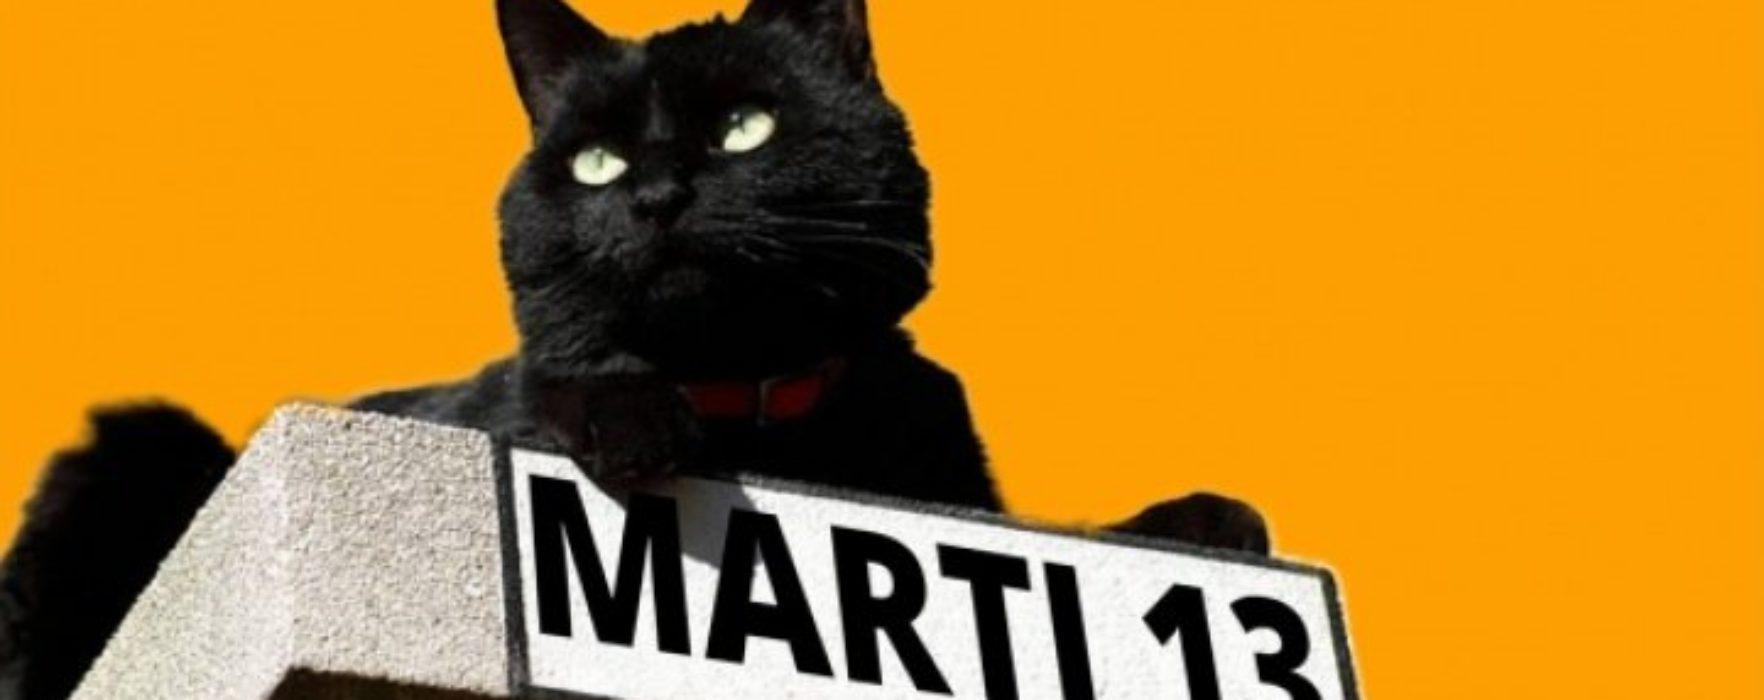 Marţi 13, pisica neagră: Ghinionul poate fi prevenit